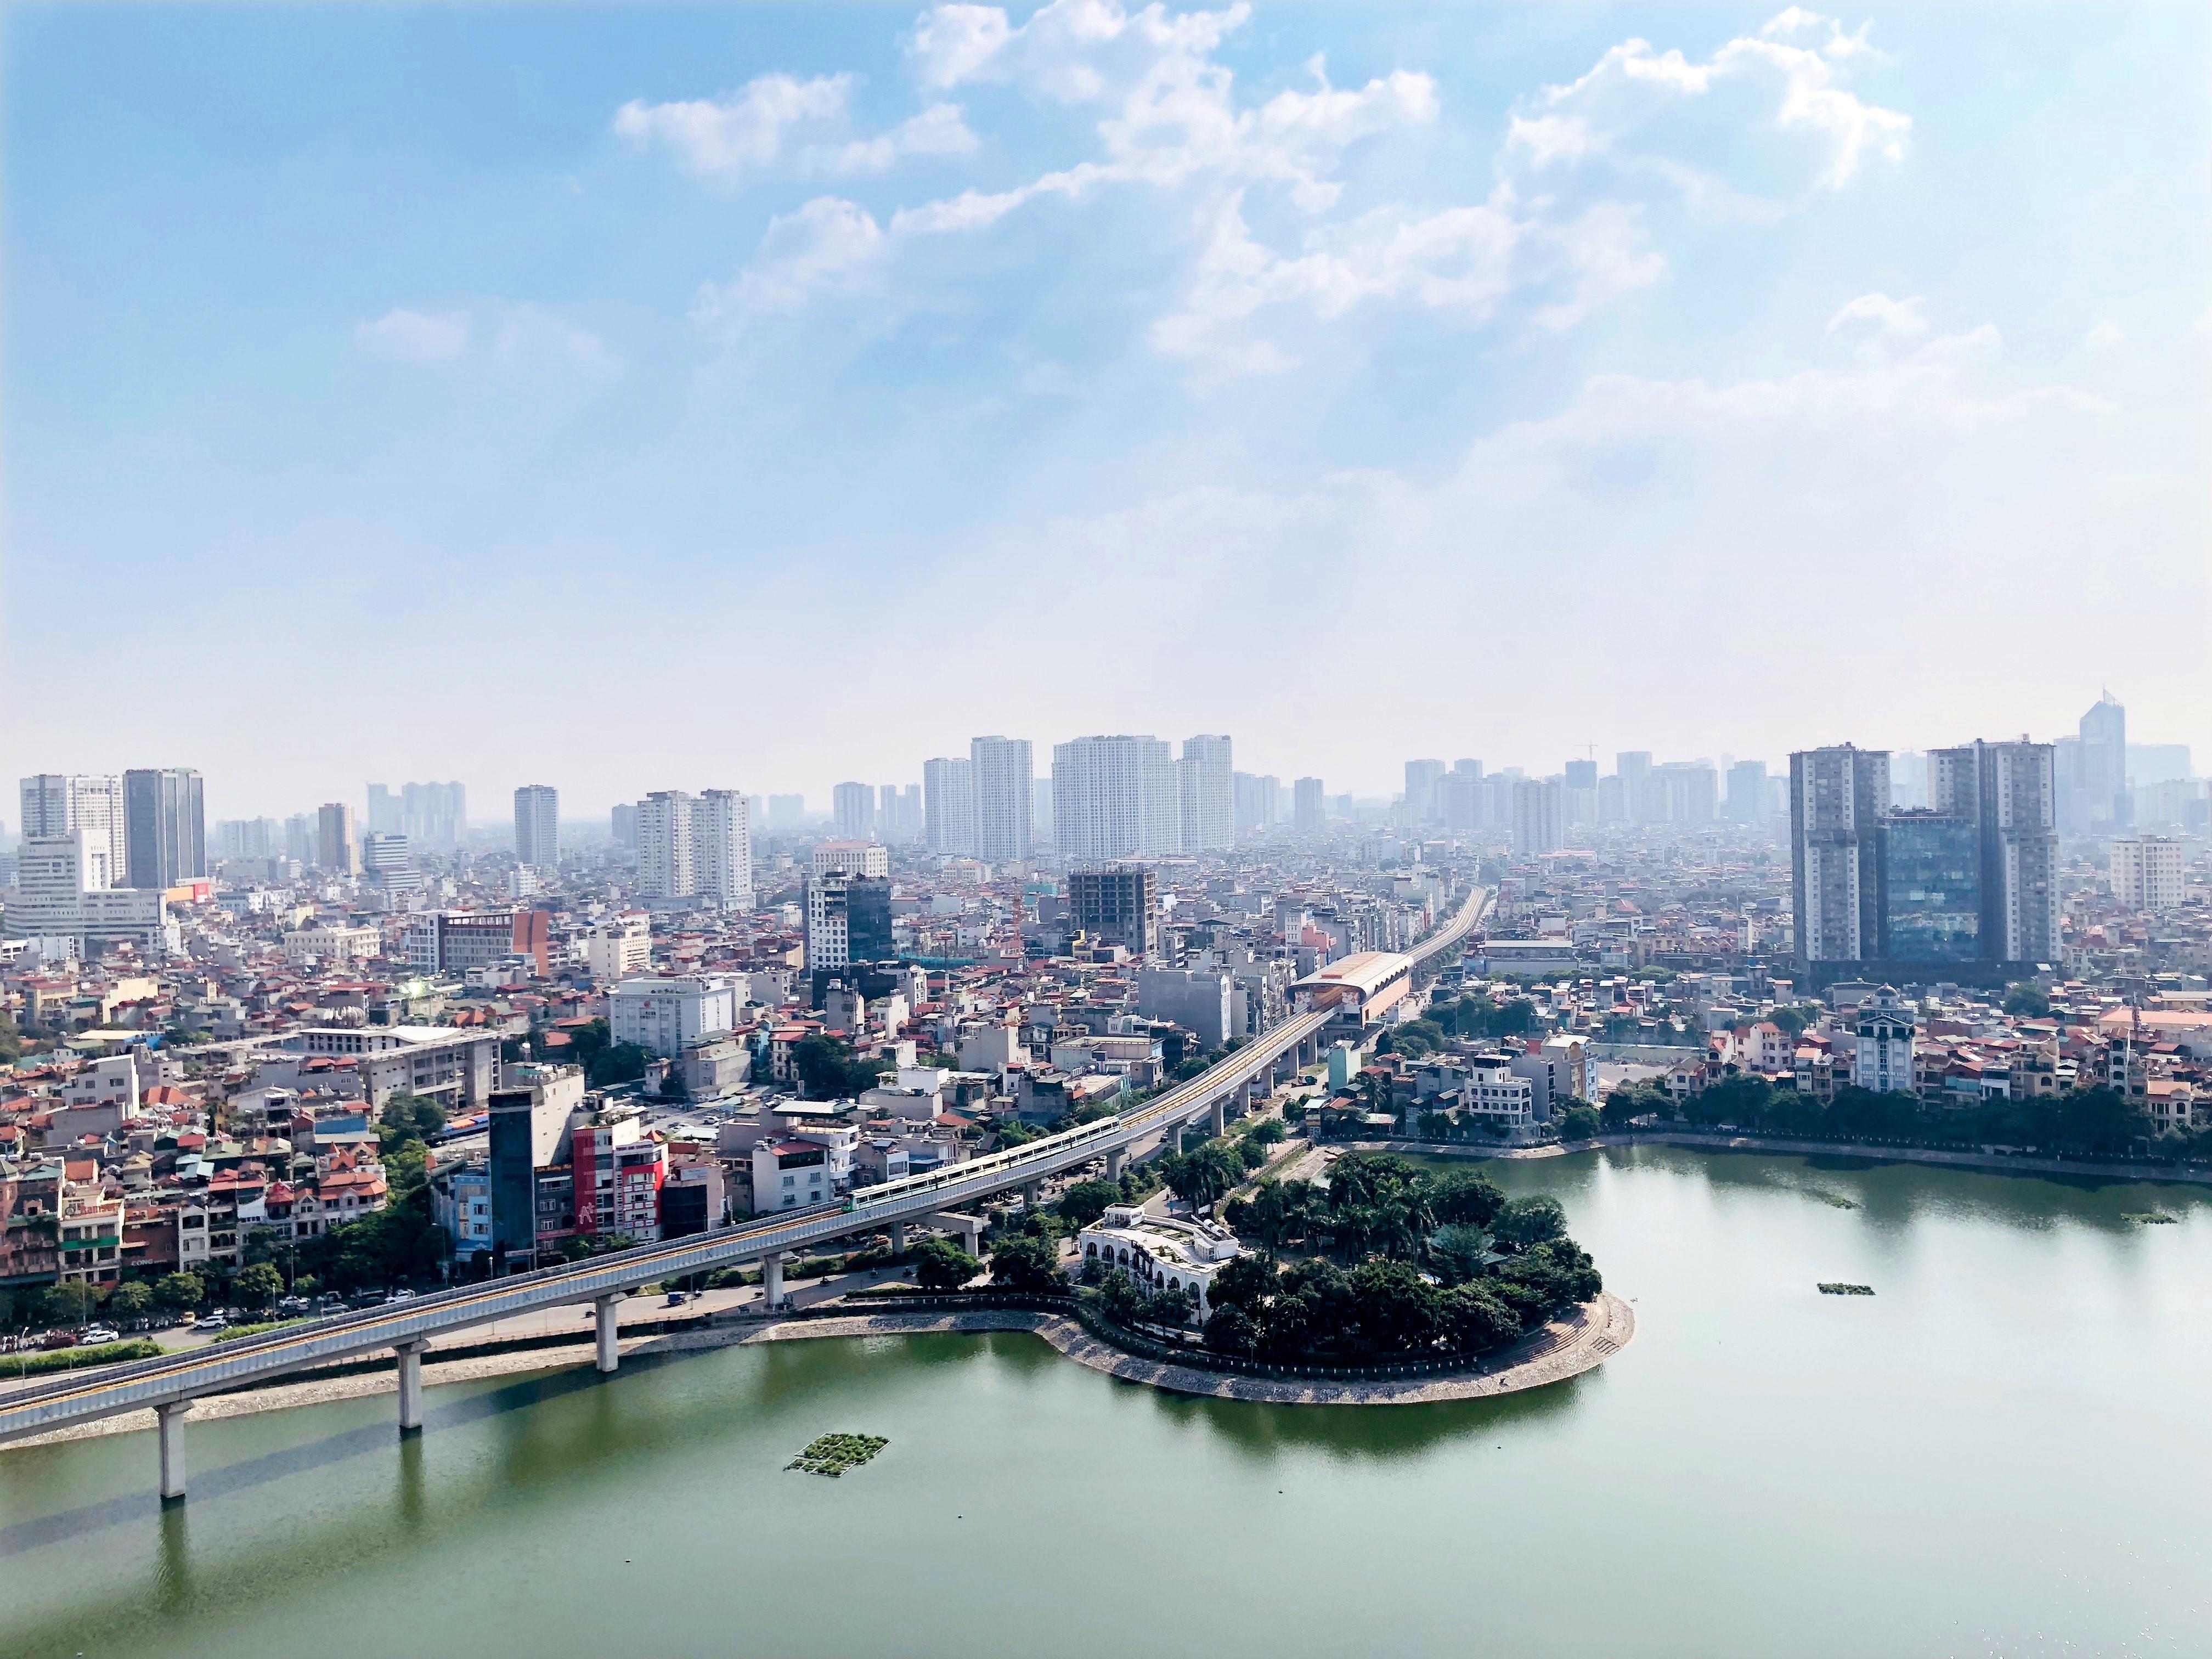 Cận cảnh chung cư có hành lang rộng và đẳng cấp hàng đầu Việt Nam 2